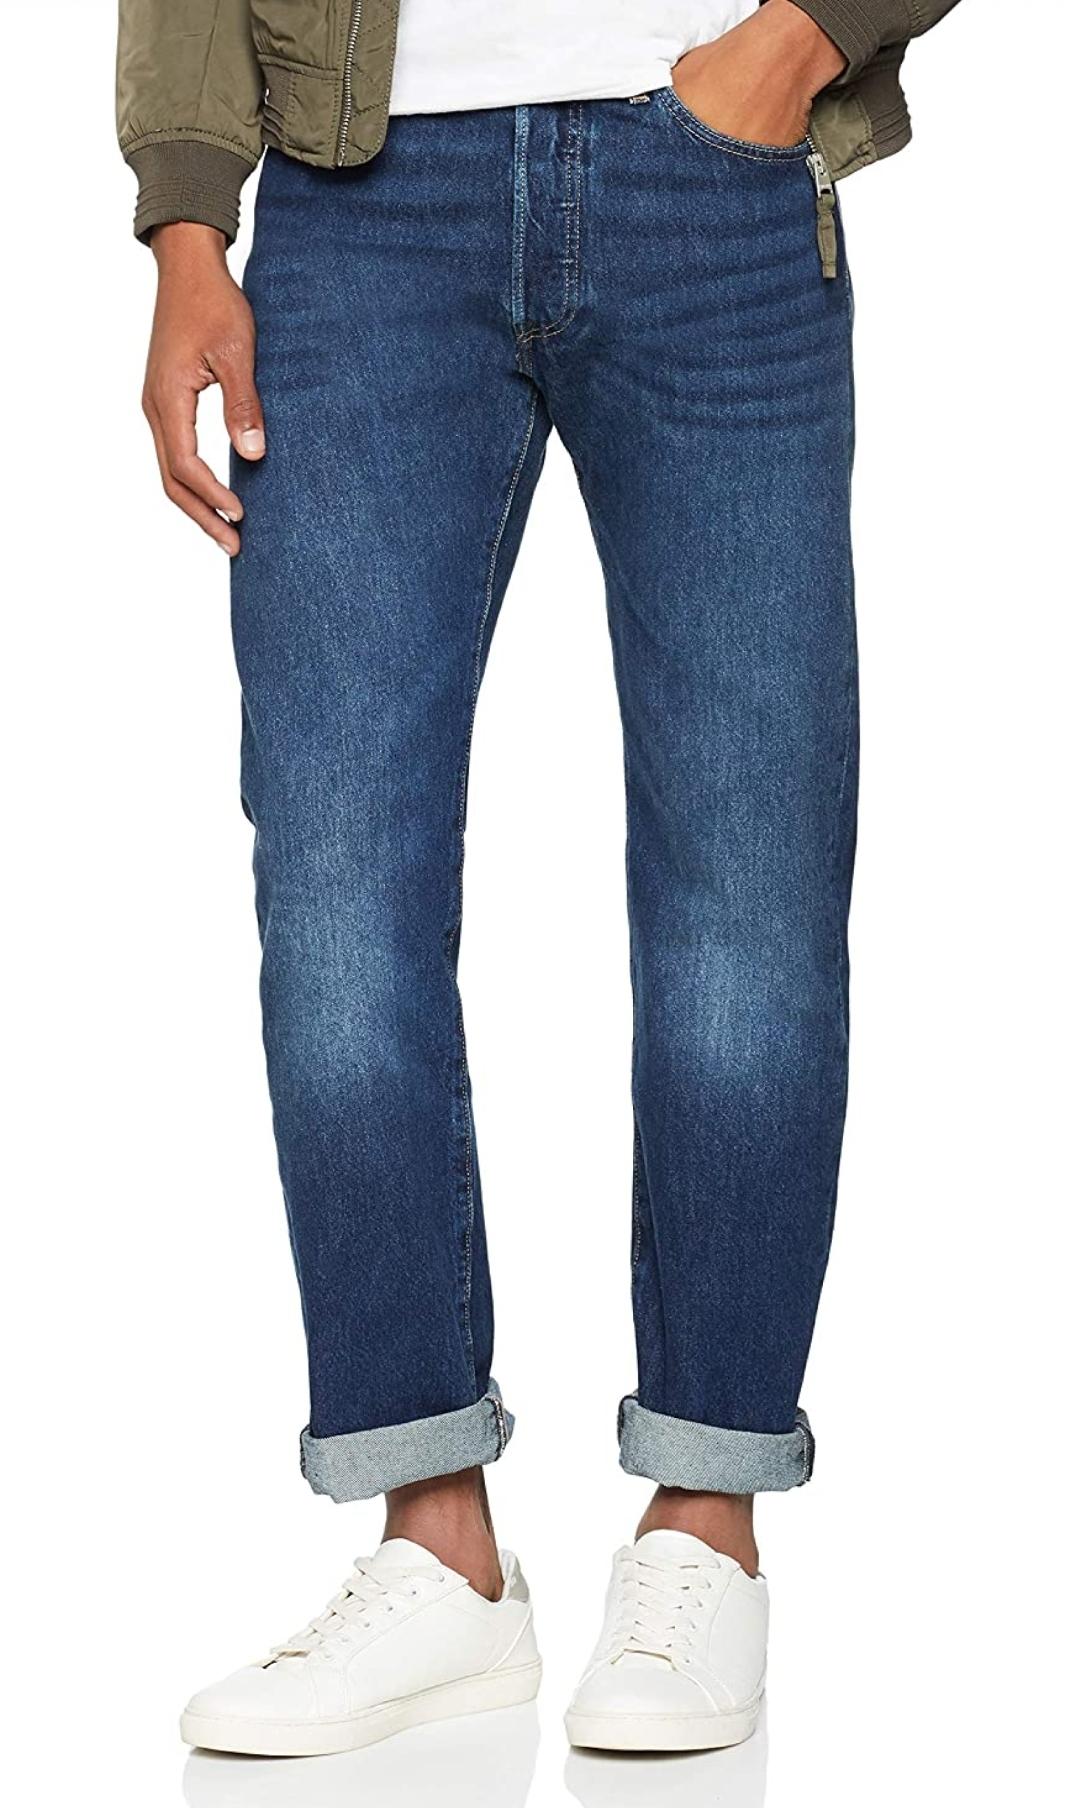 Jeans Levi's 501 - Taglia 32W/30L (46 ITA)